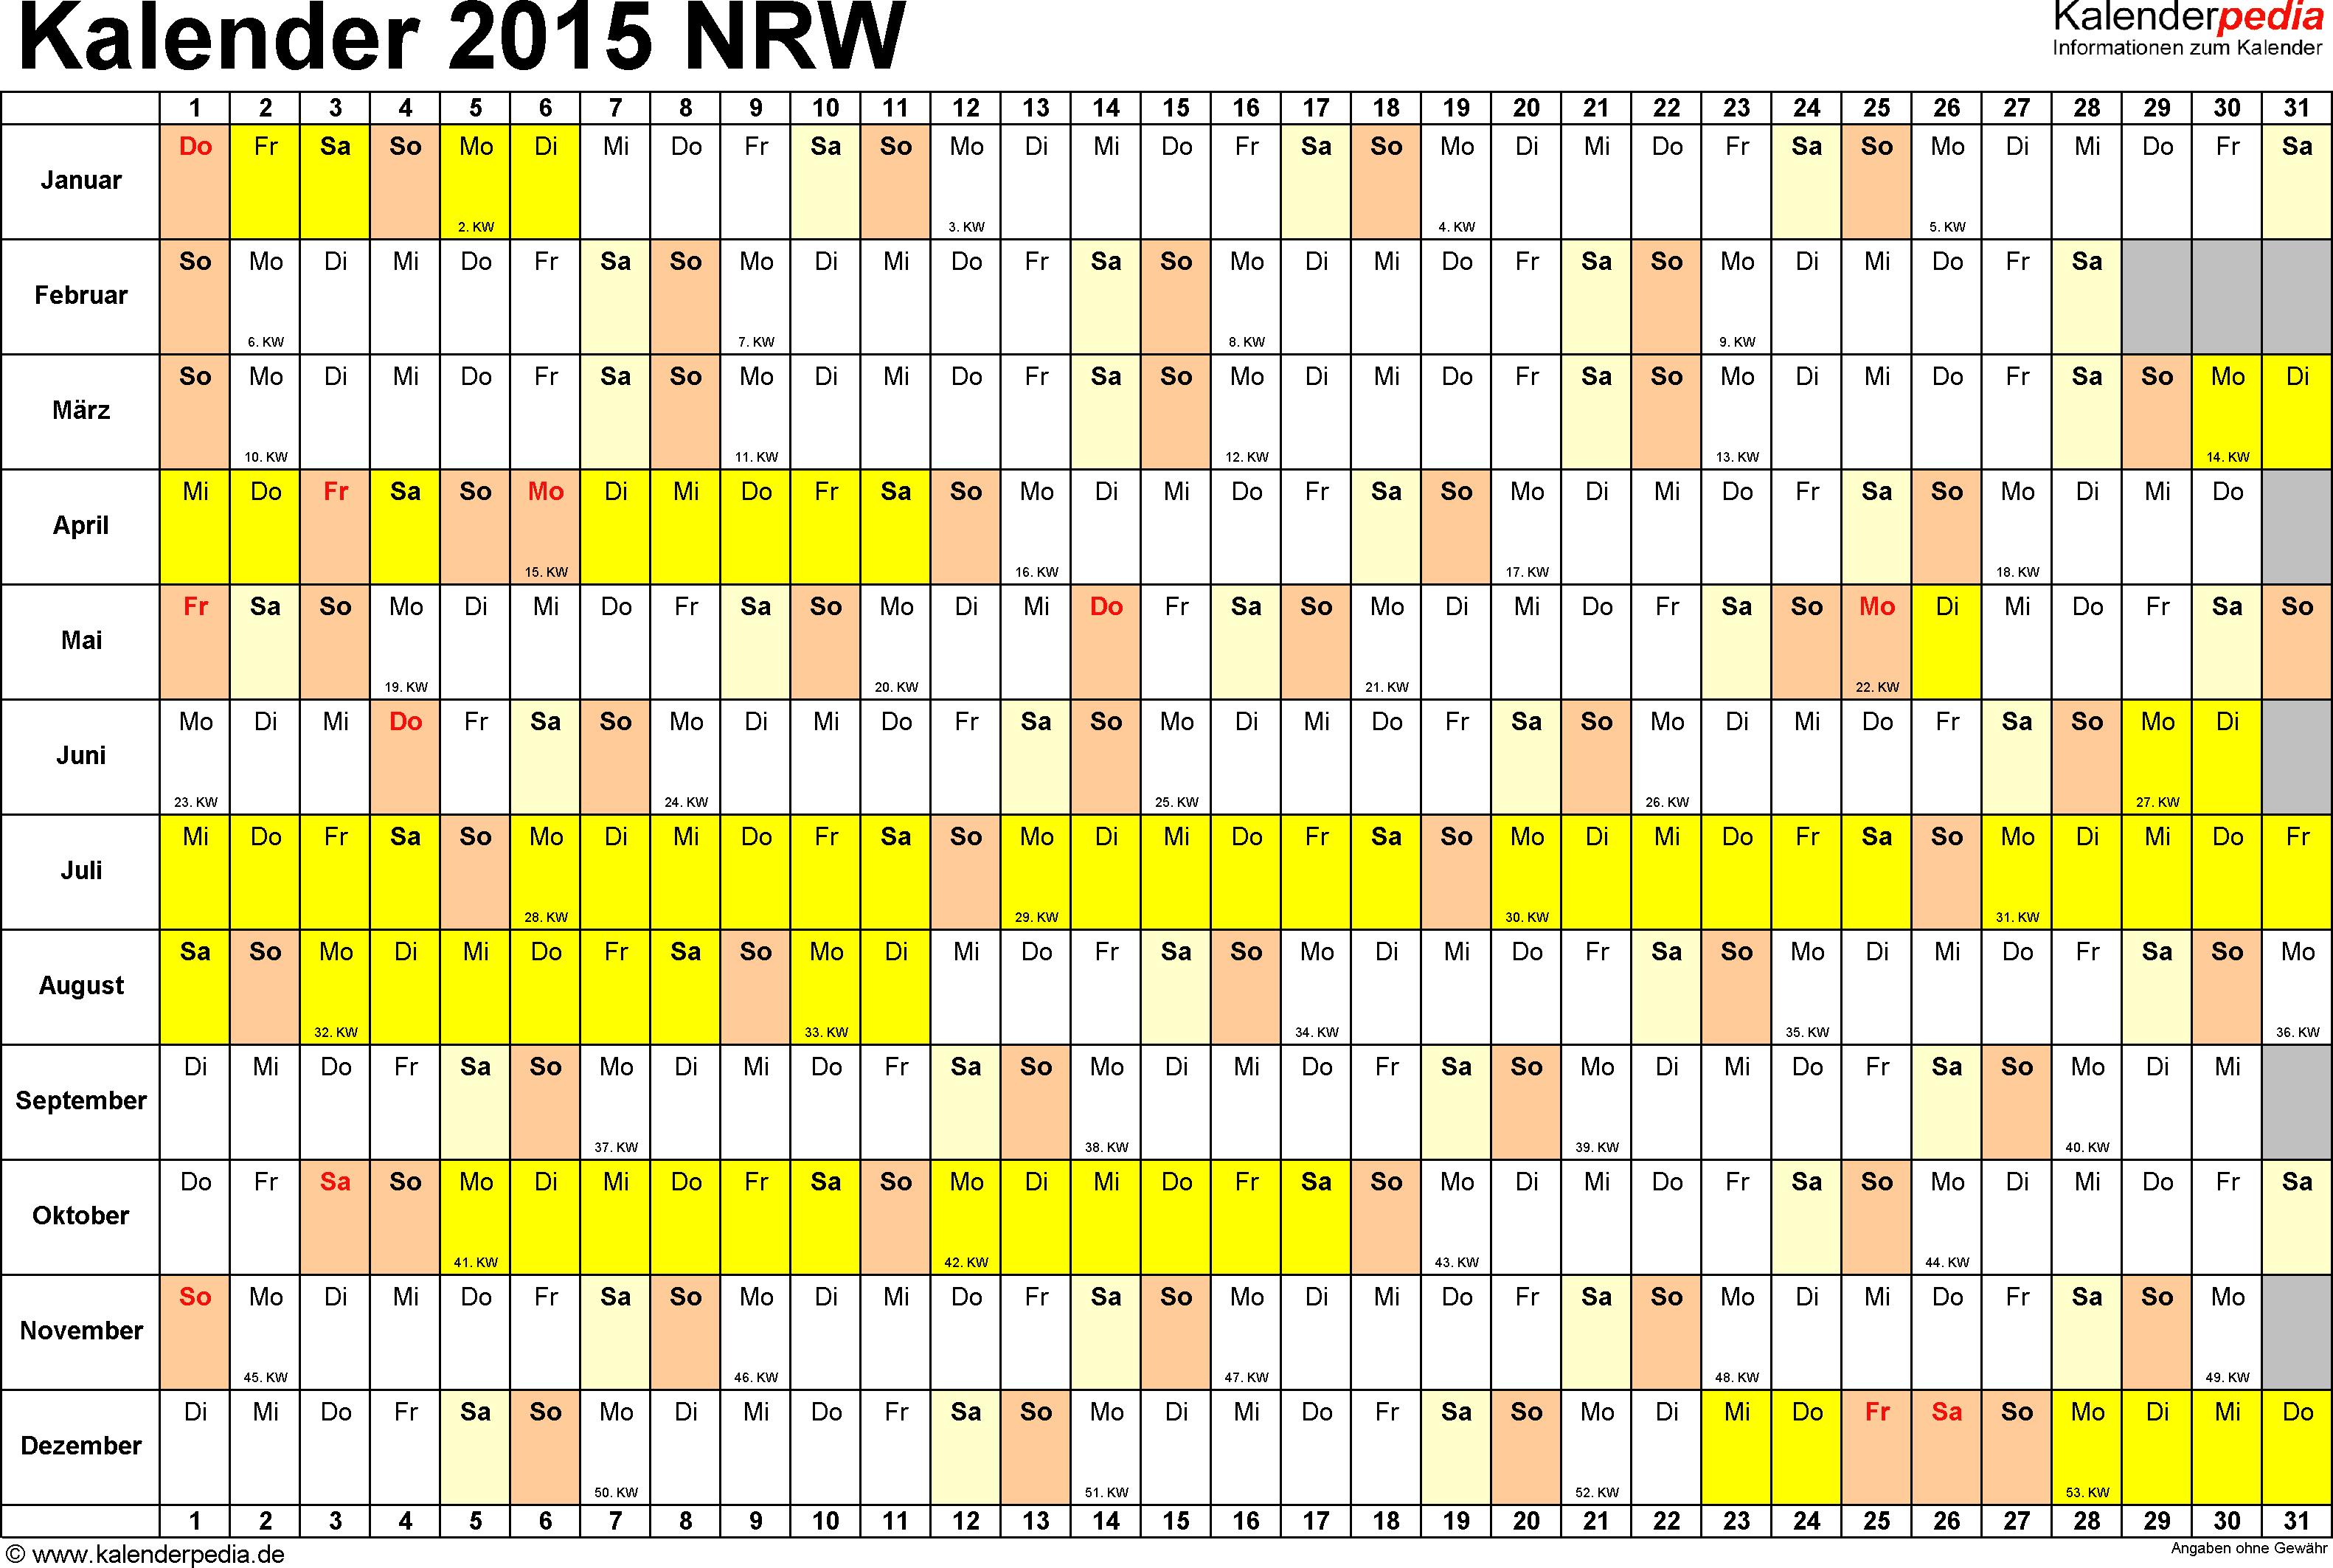 Vorlage 2: Kalender NRW 2015 im Querformat, Tage nebeneinander